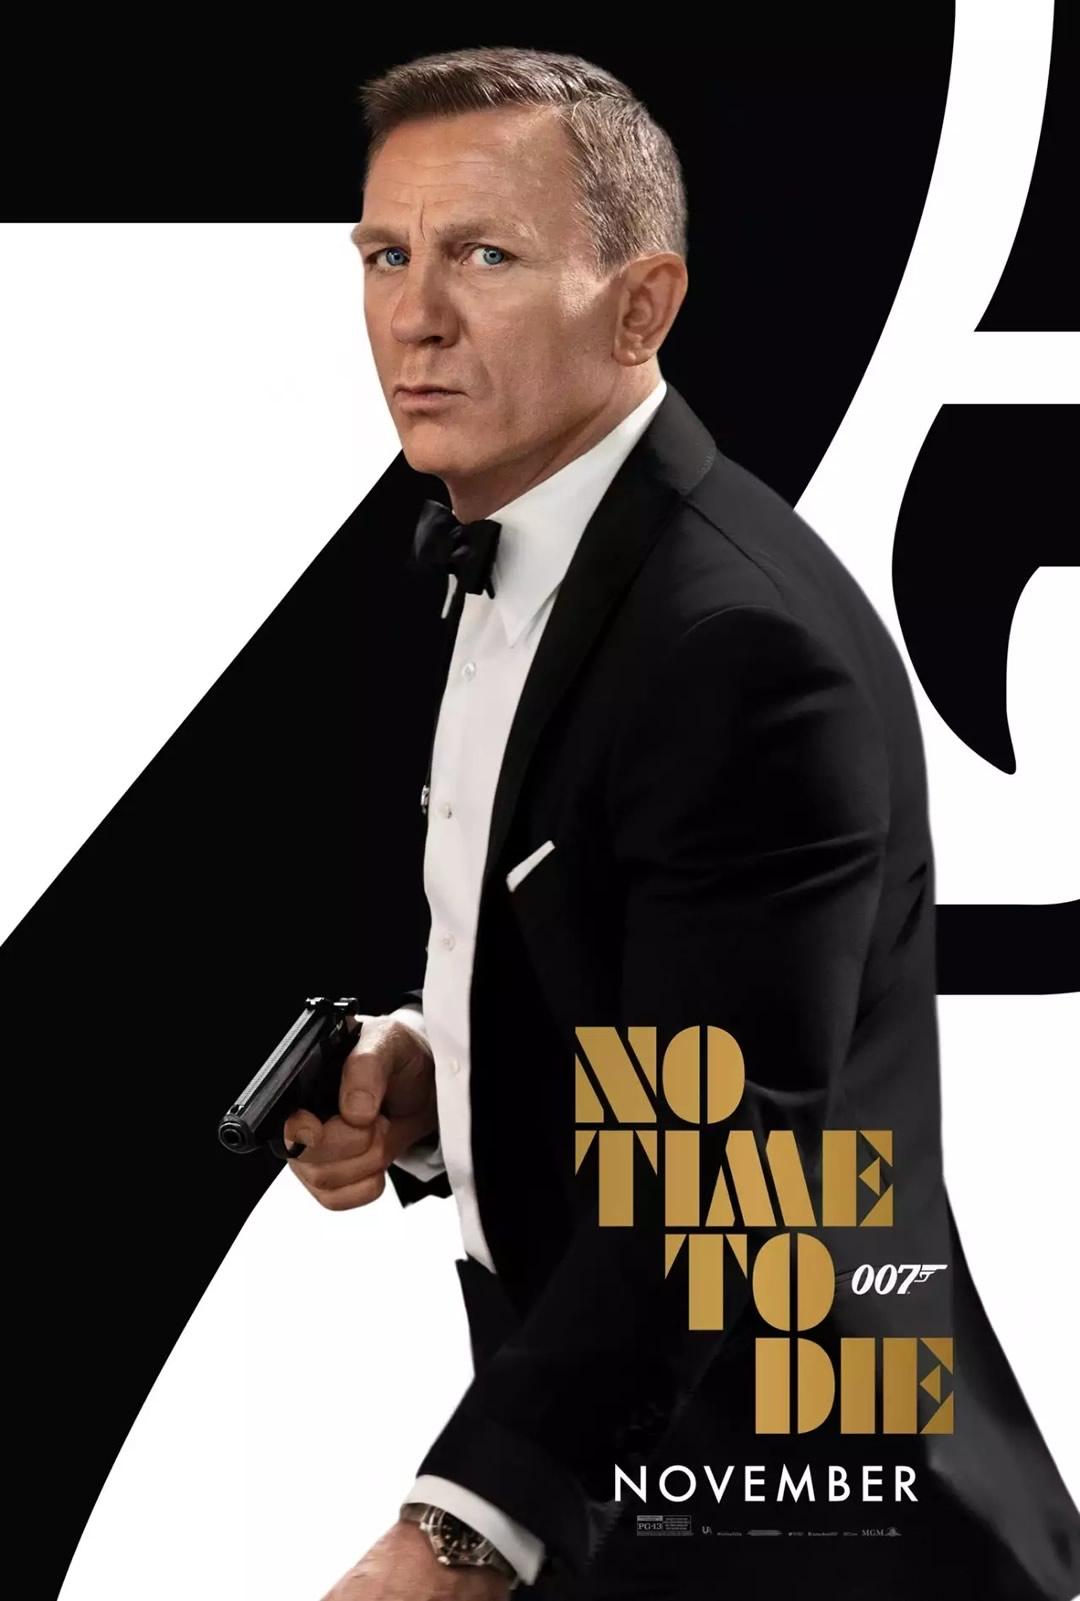 007 - Sem Tempo Para Morrer - James Bond em apuros no novo trailer divulgado pela Universal Pictures / MGM